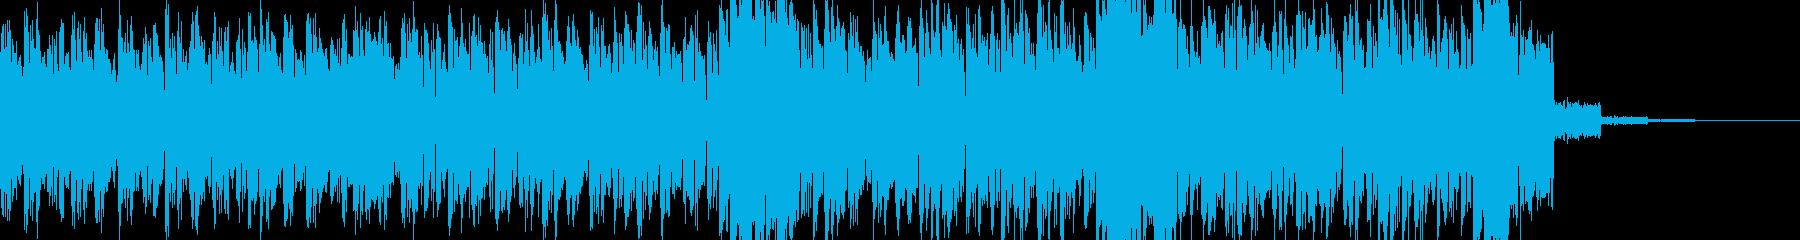 過激な音色構成のテクノ+トランス SAの再生済みの波形